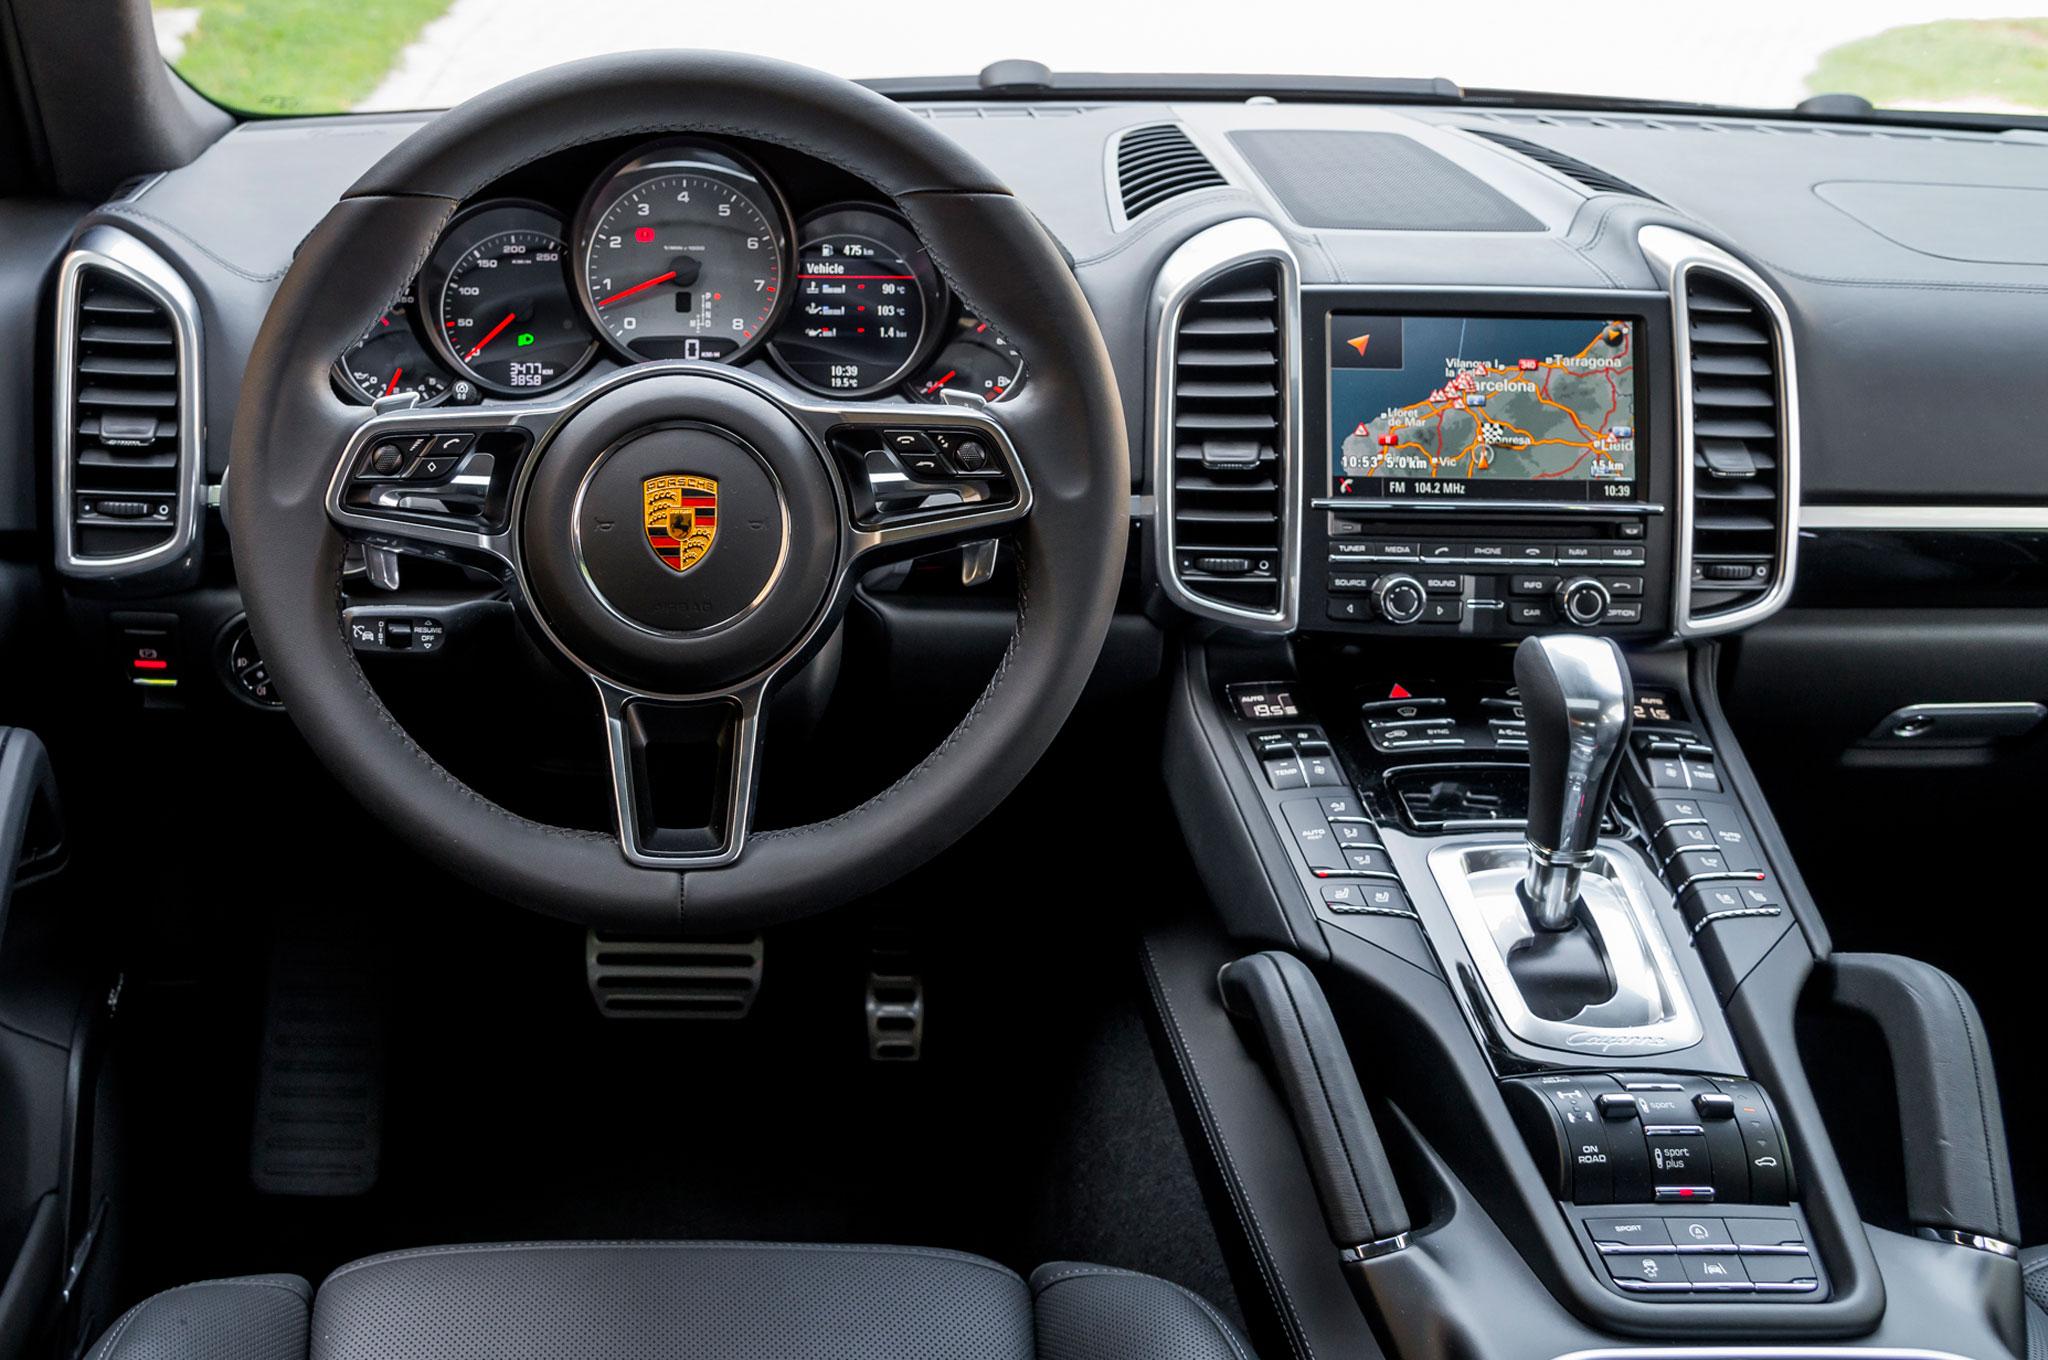 2015 porsche cayenne s steering wheel - Porsche Cayenne Turbo S 2015